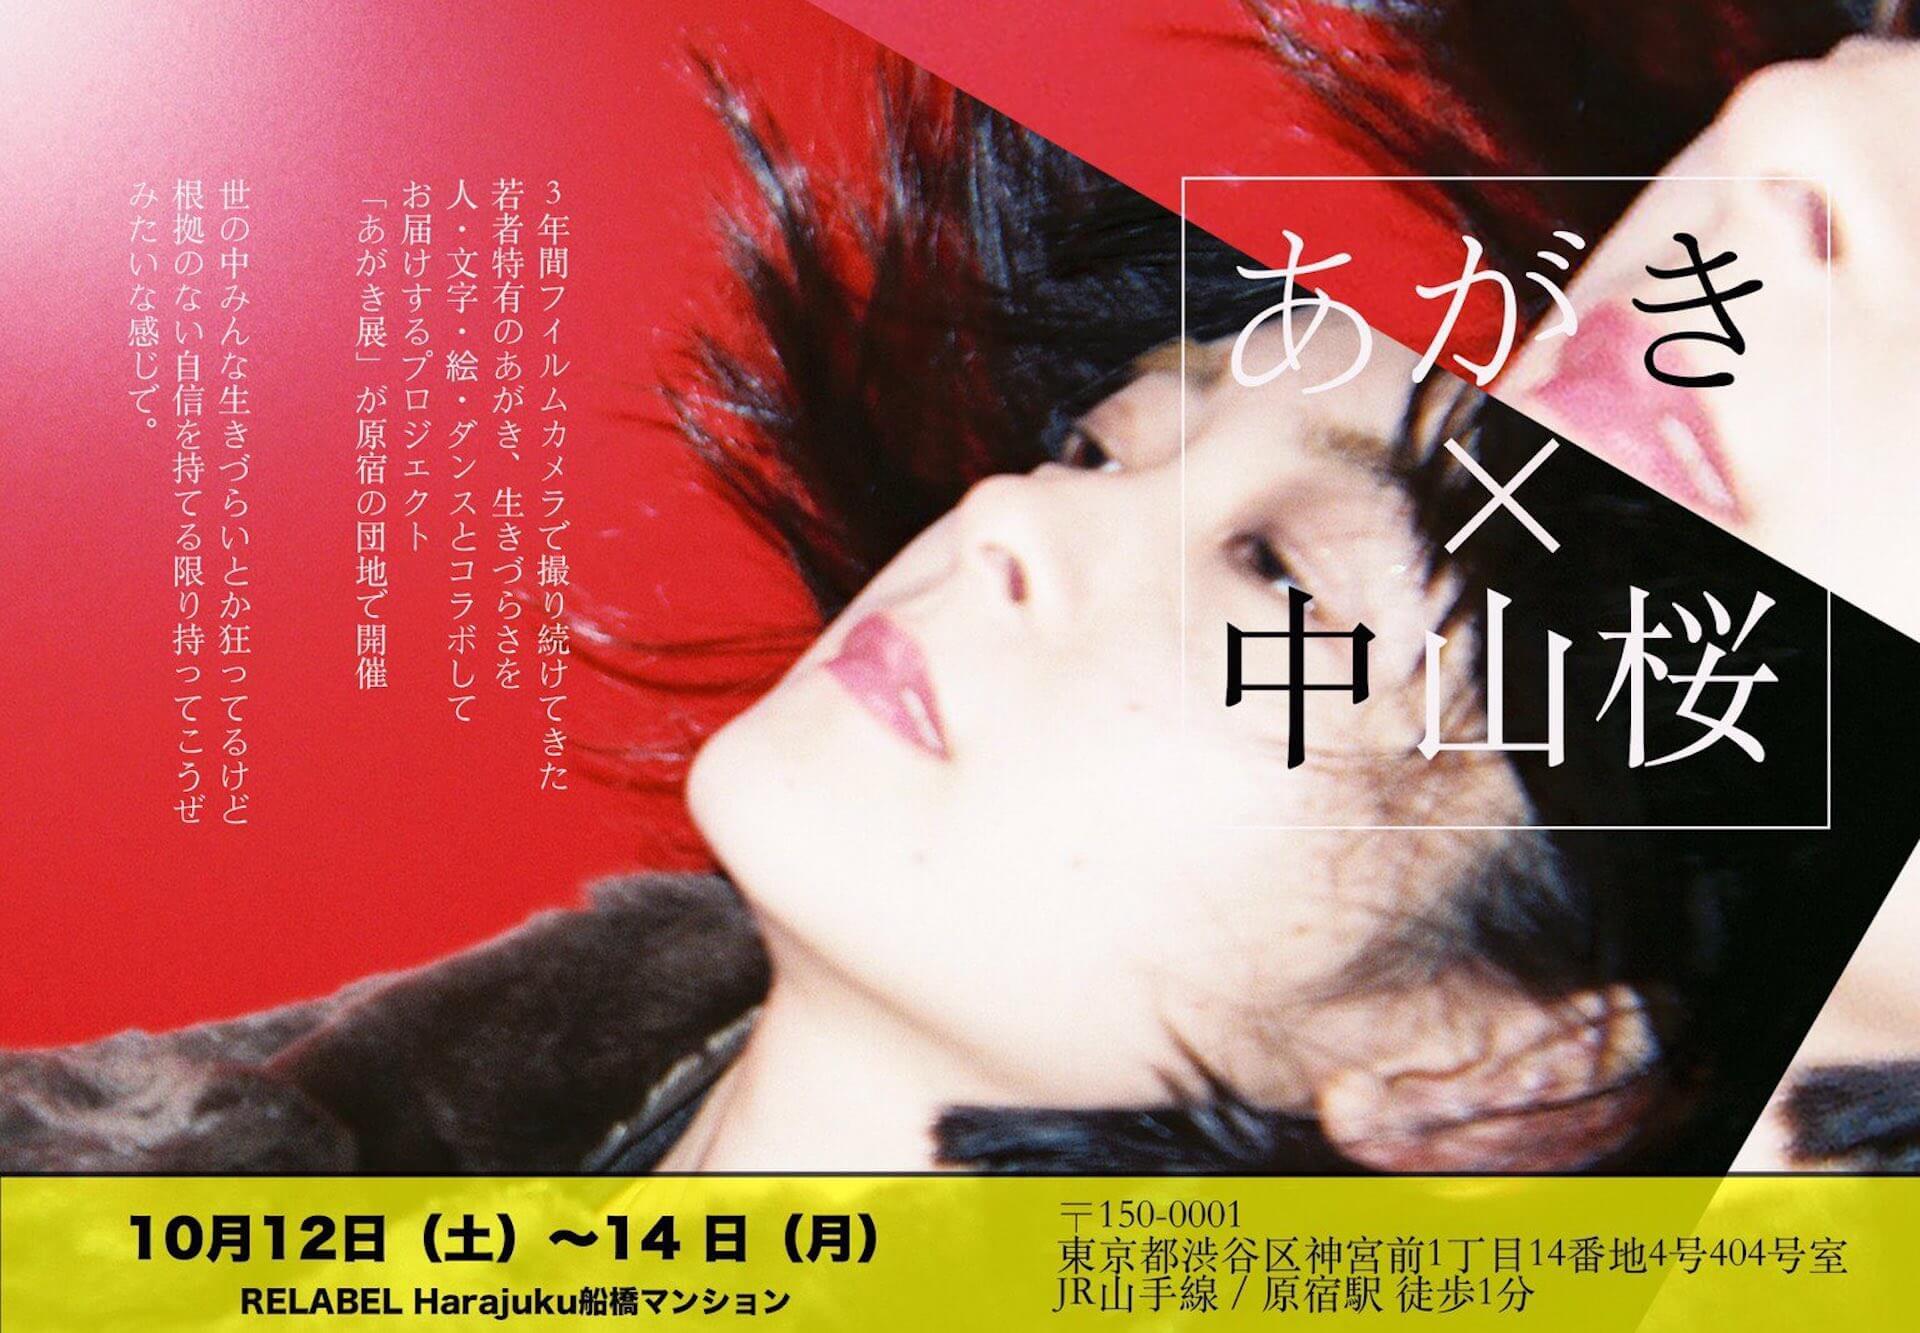 写真家・中山桜が個展<あがき>を開催中|原宿の団地でyouth達の「あがき」を表現 art-culture191013-rarara-agaki